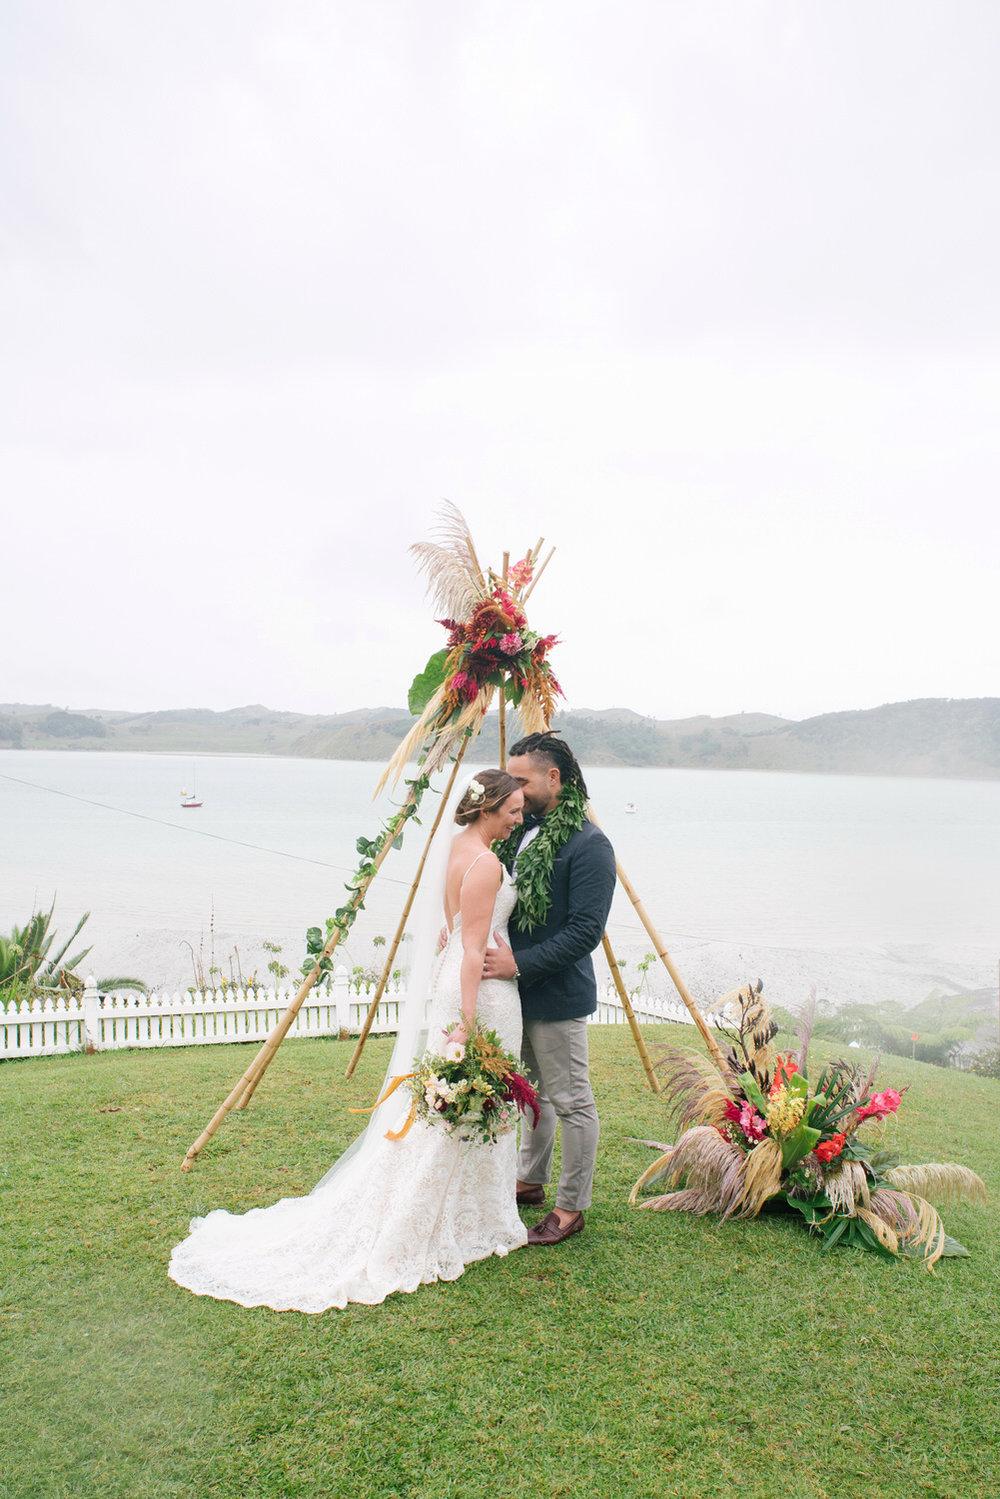 Bottega53©-new zealand wedding - lynsday&dillan-38.JPG